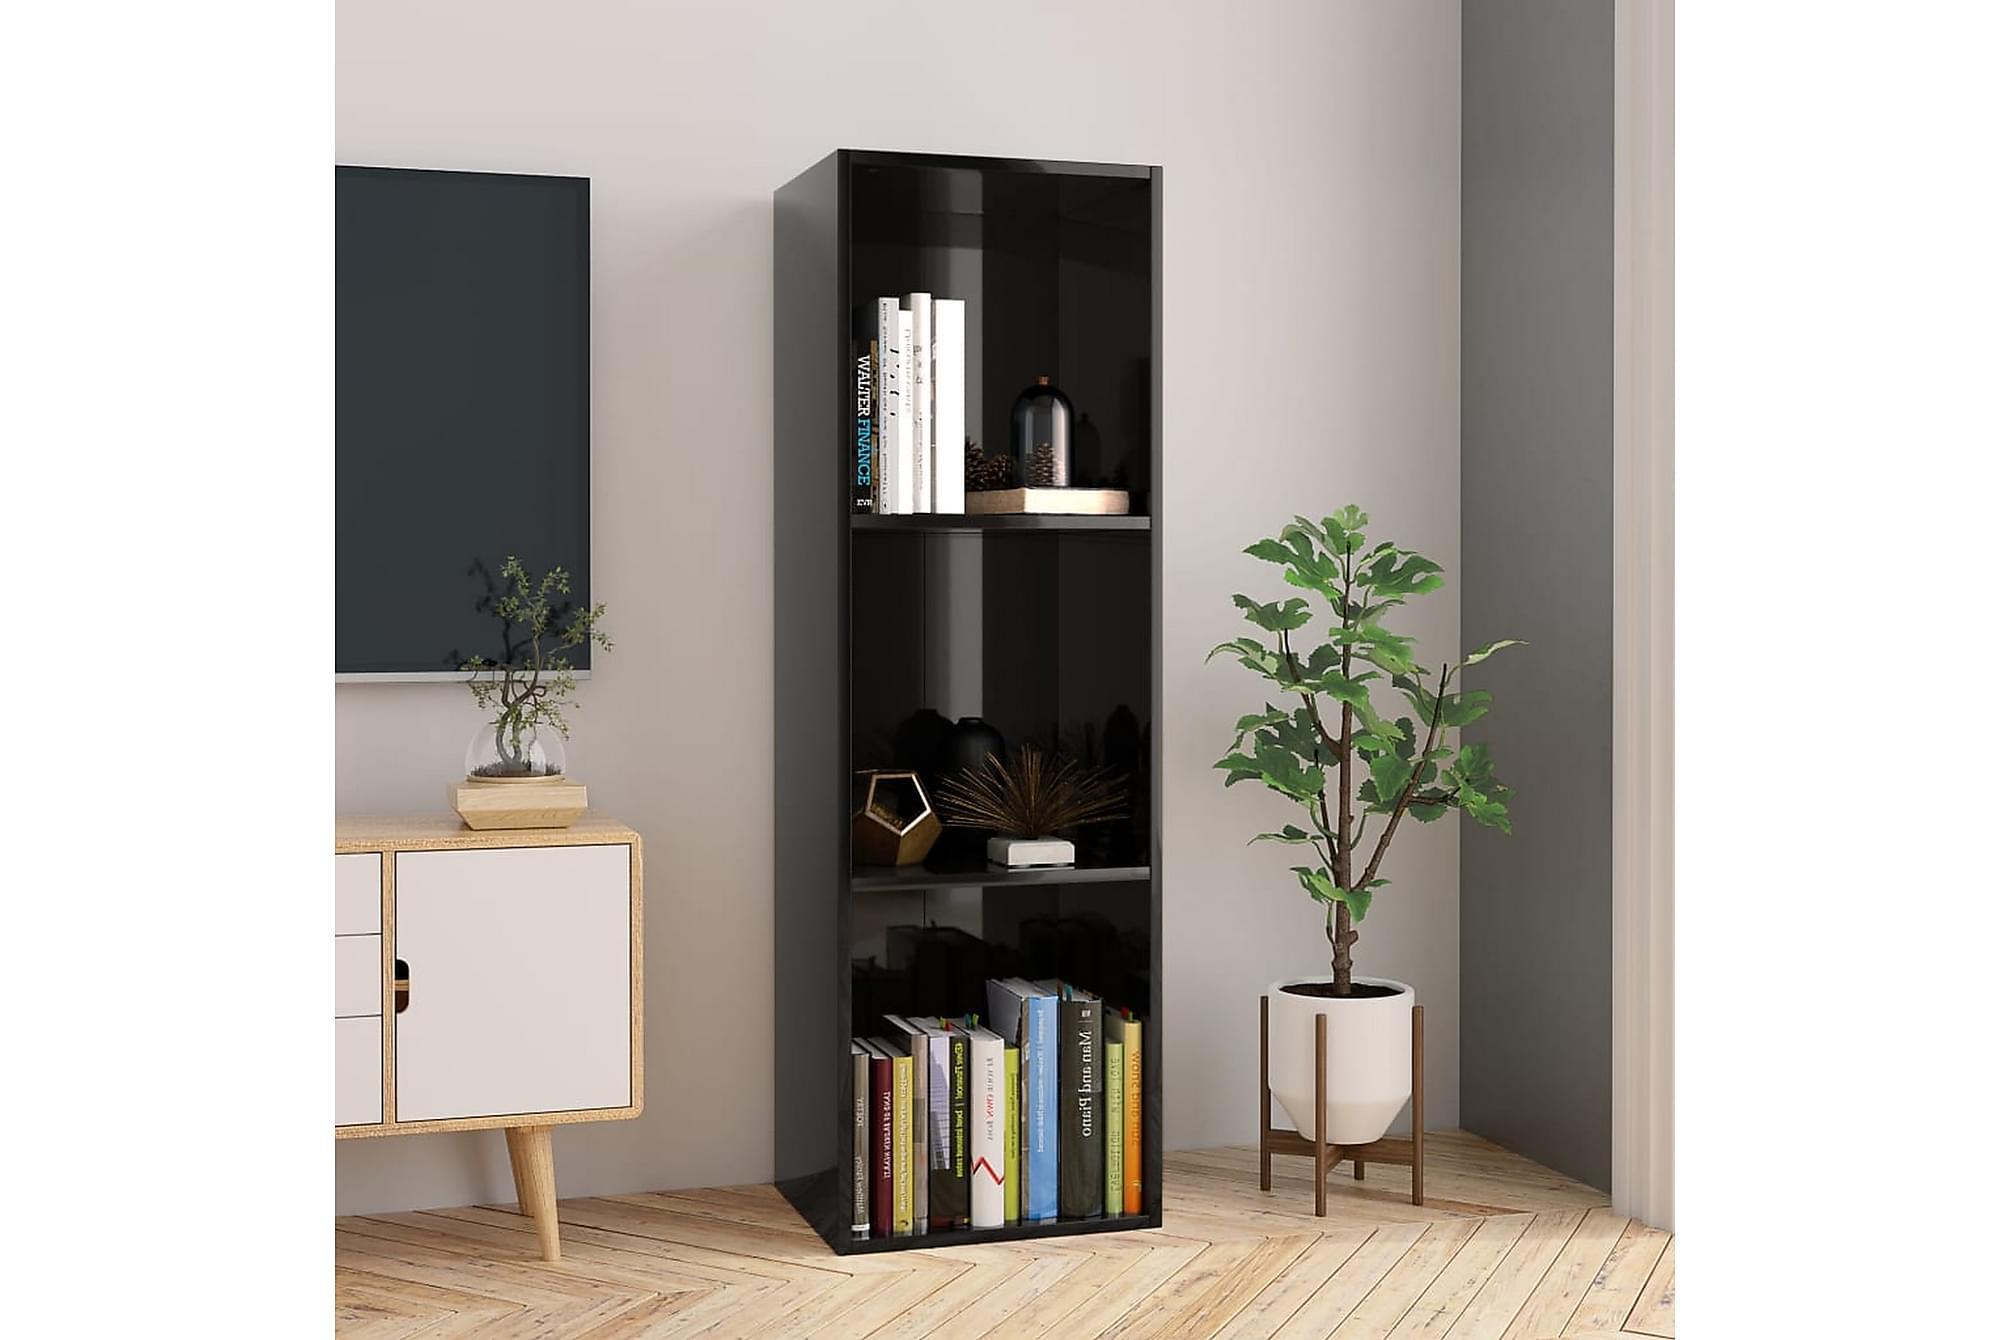 Bokhylla/TV-bänk svart högglans 36x30x114 cm spånskiva, Tv-bänkar